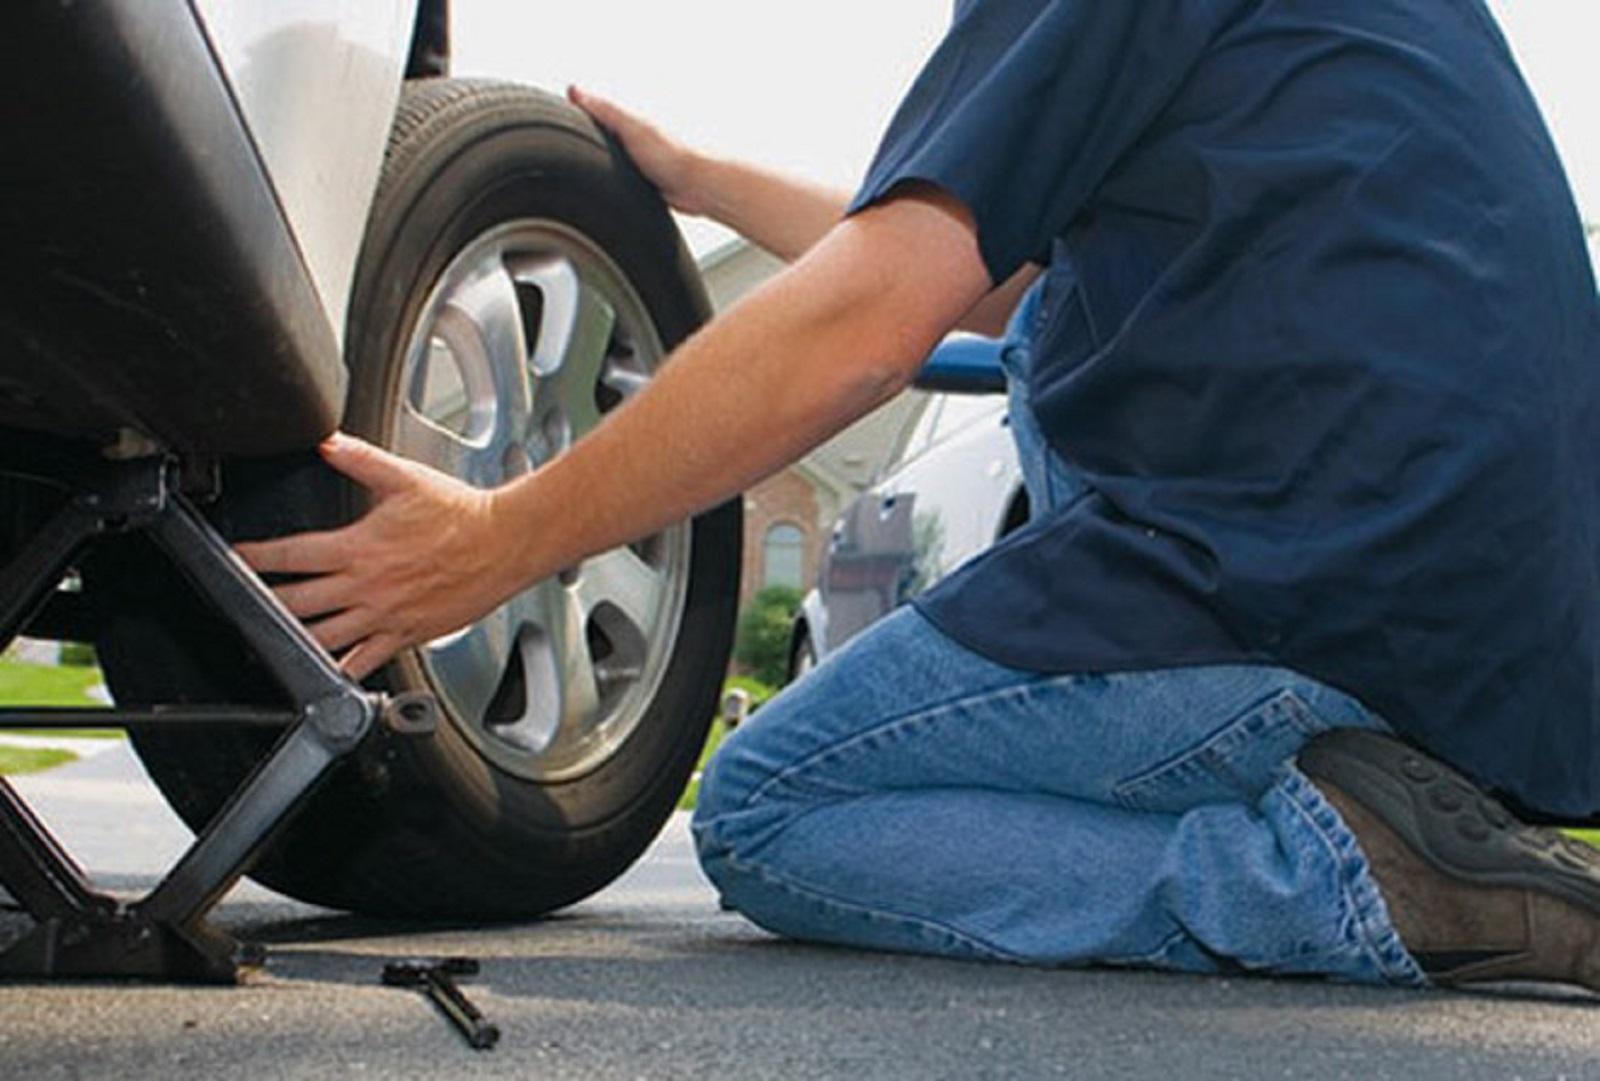 Điểm mặt 5 bộ phận dễ hỏng nhất trên xe ô tô, các tài xế không được bỏ qua Ảnh 5